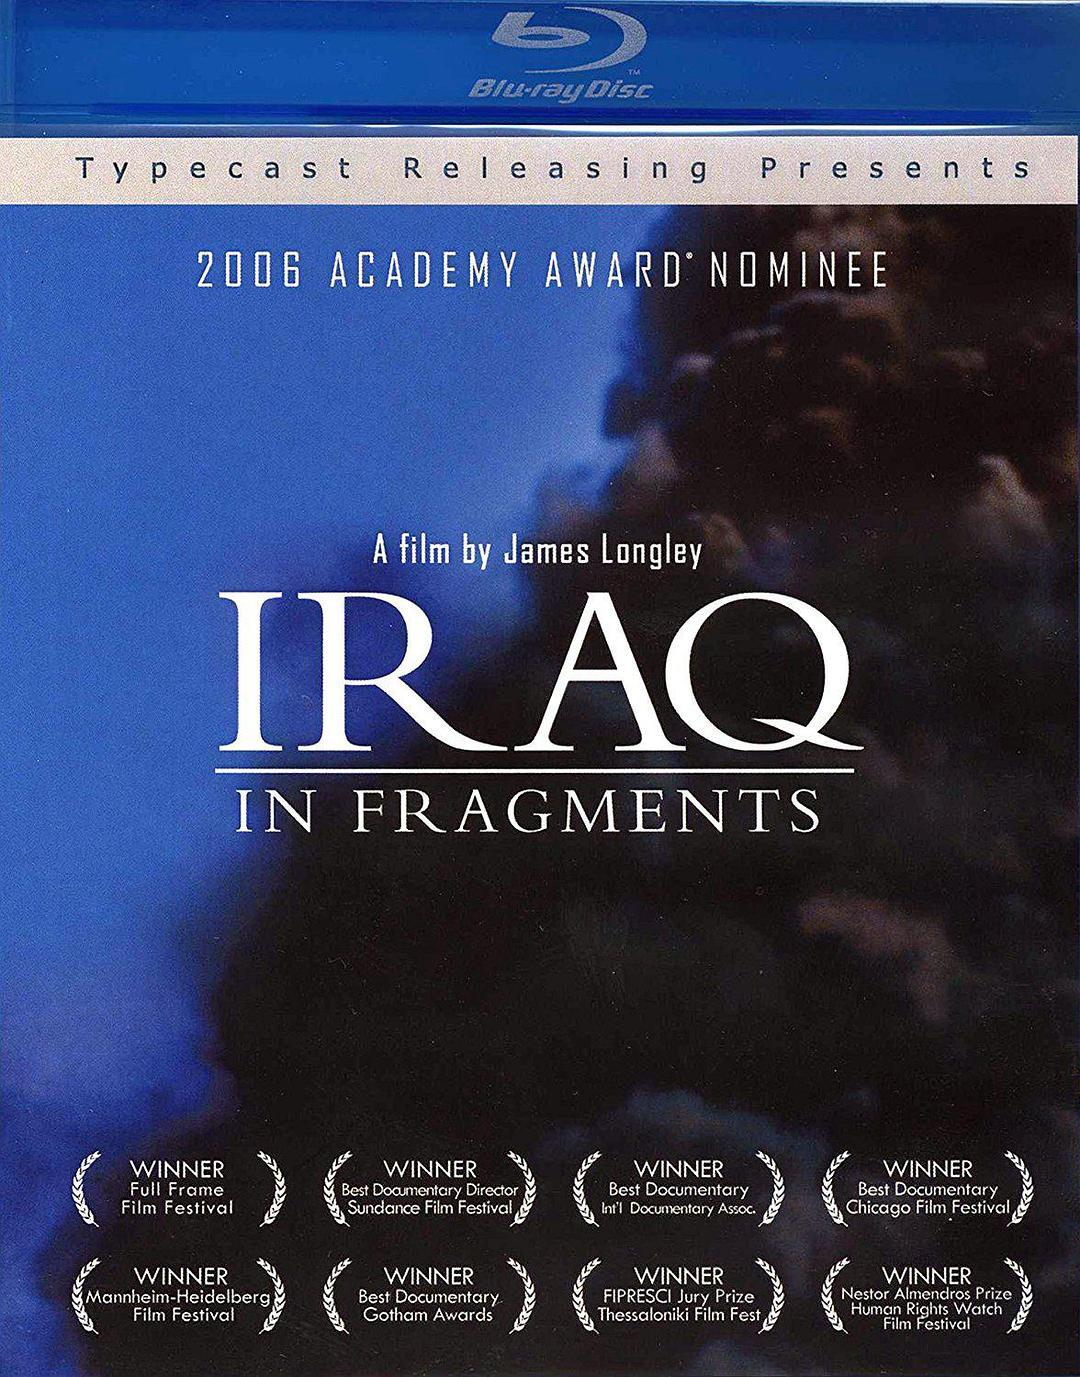 伊拉克碎片